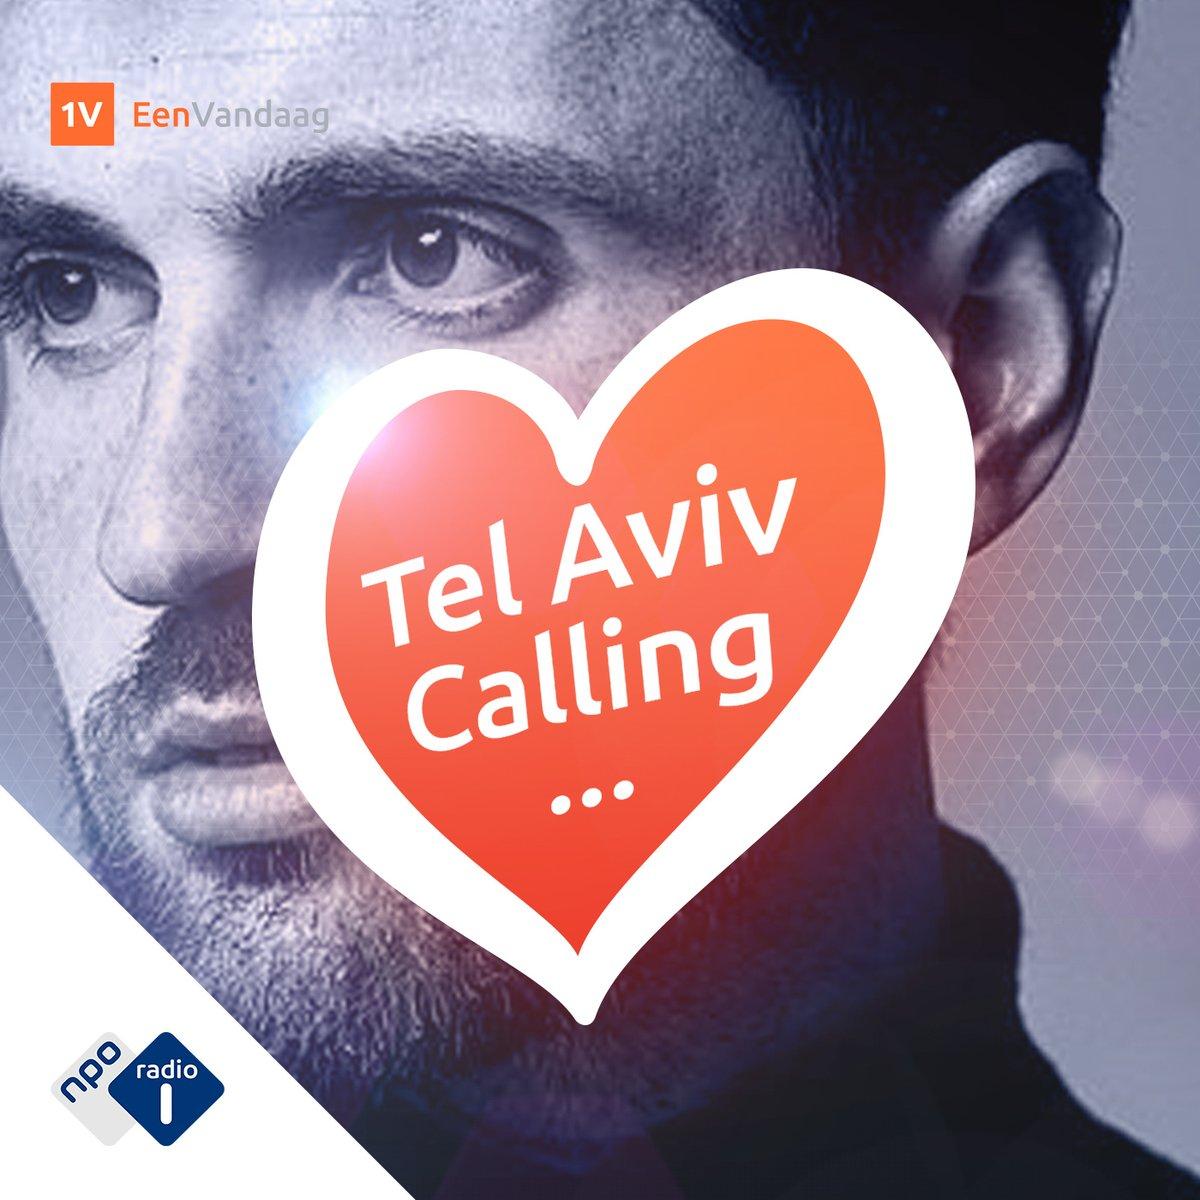 Songfestival Tel-Aviv Calling.jpg